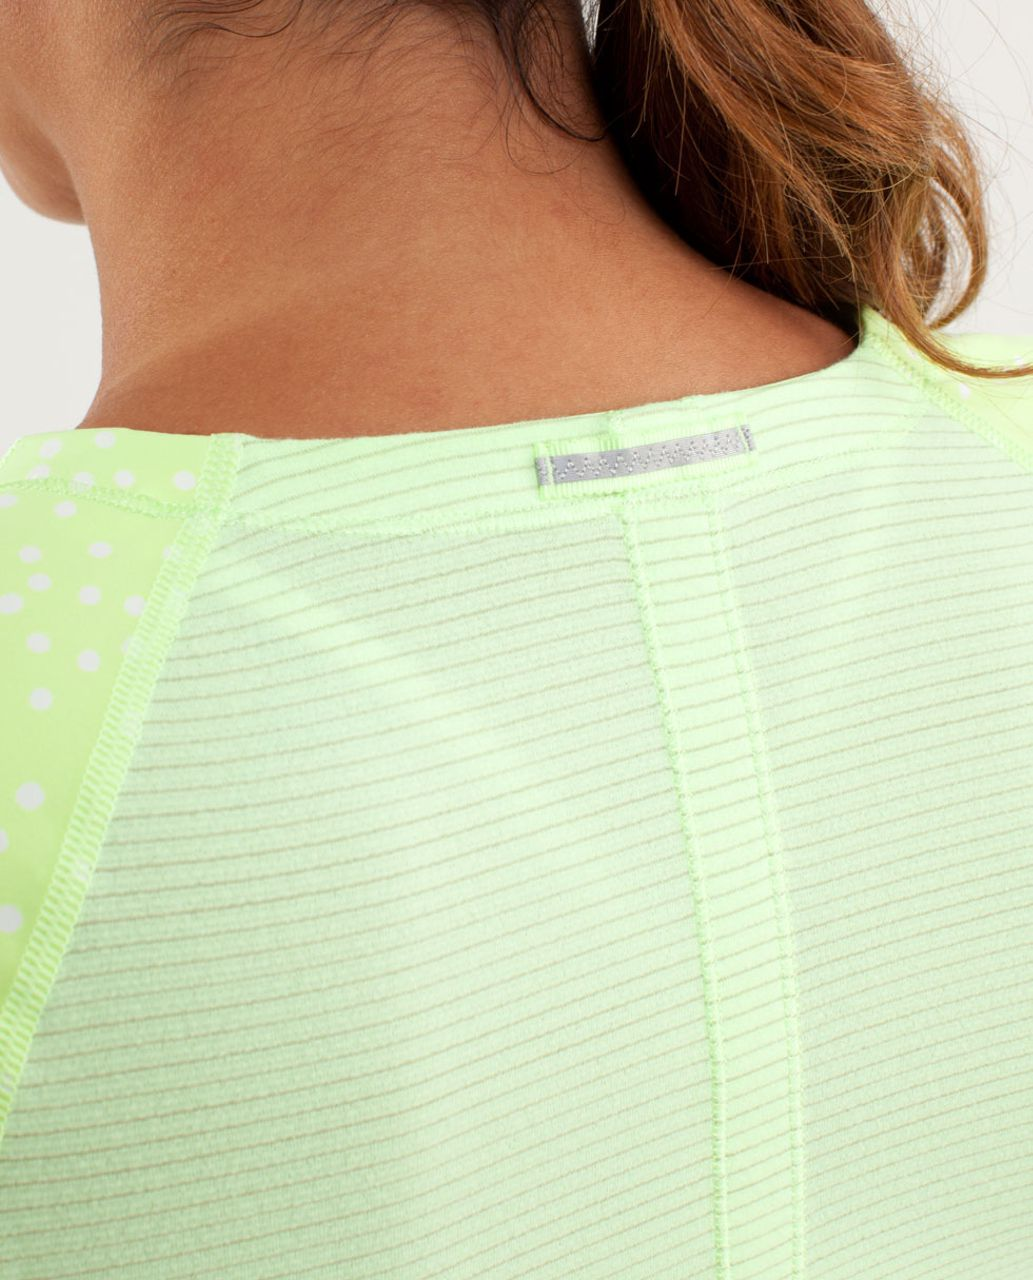 Lululemon Run:  Turn It Up Tee - Faded Zap / Petit Dot Faded Zap / Wagon Stripe Faded Zap